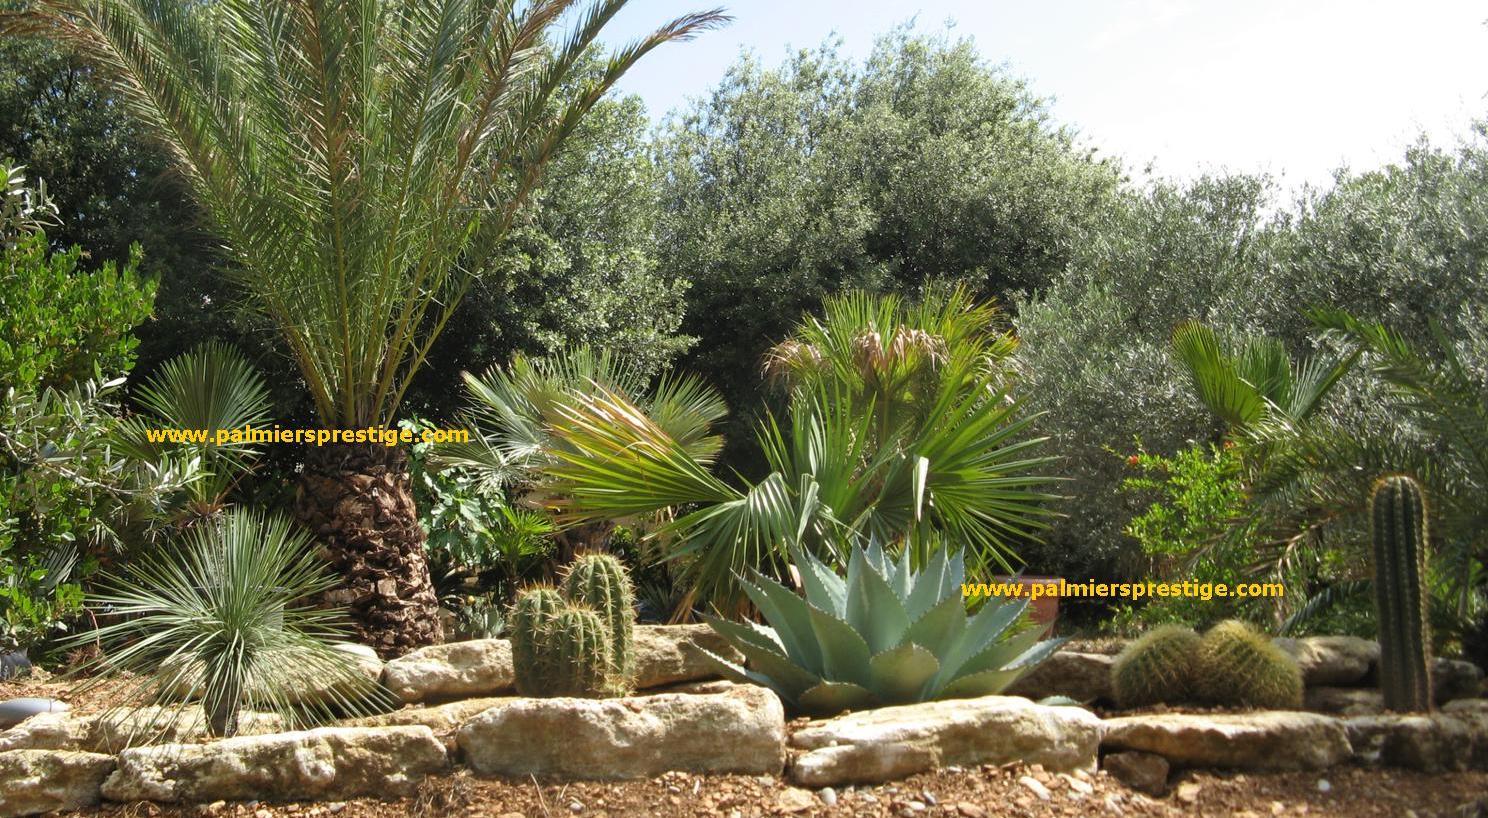 Palmiers prestige vente de palmiers et cocotiers d for Plantes et arbustes de jardin